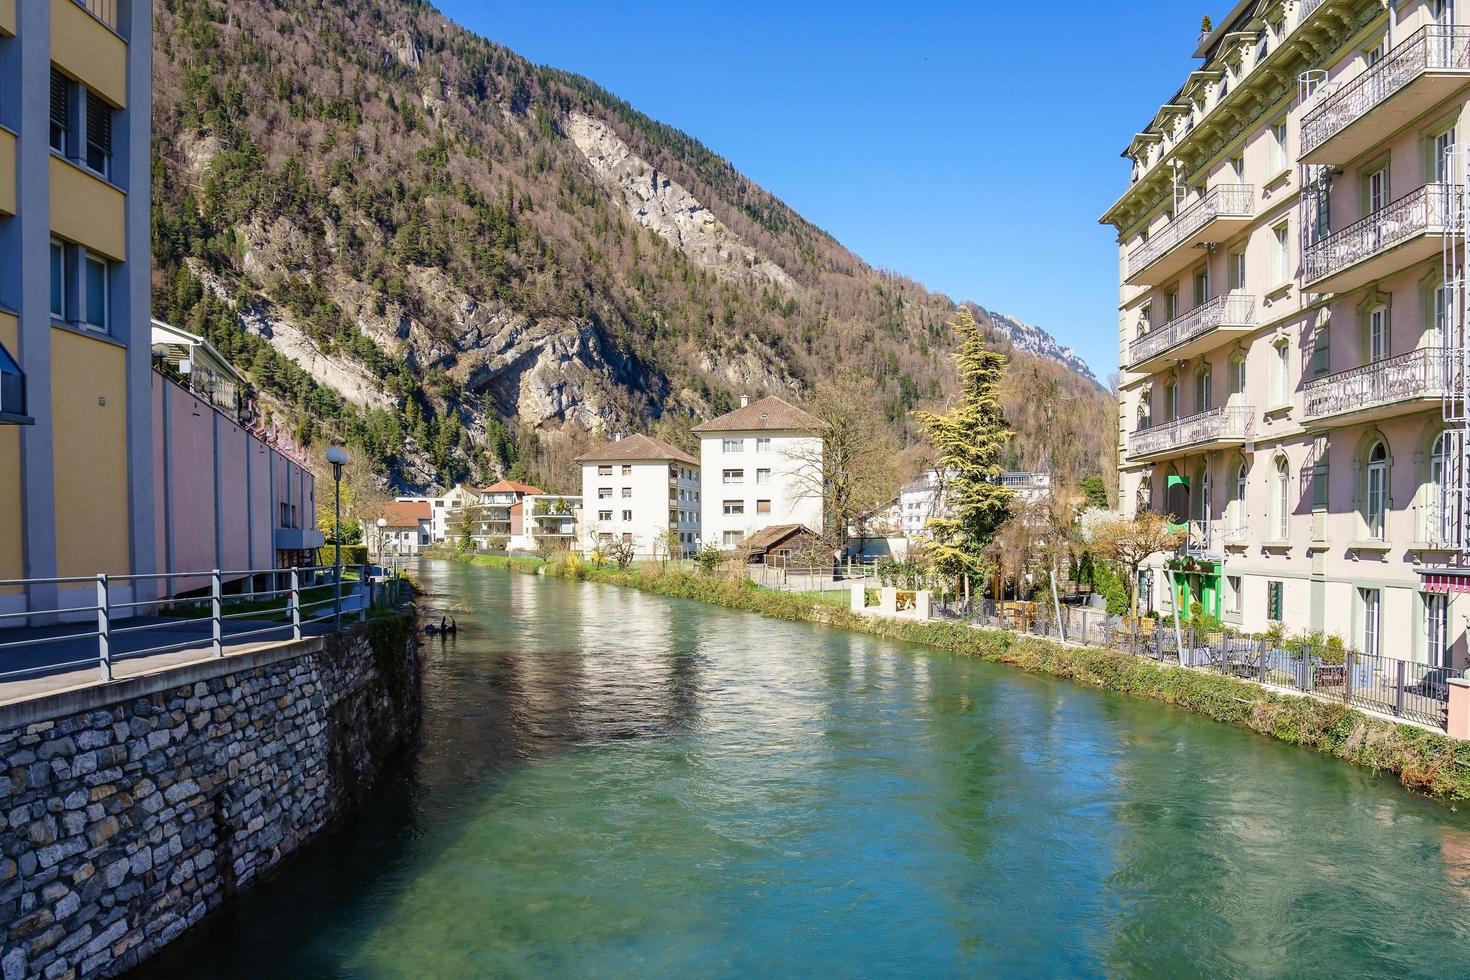 vieille ville et canal du lac d'interlaken, suisse. photo